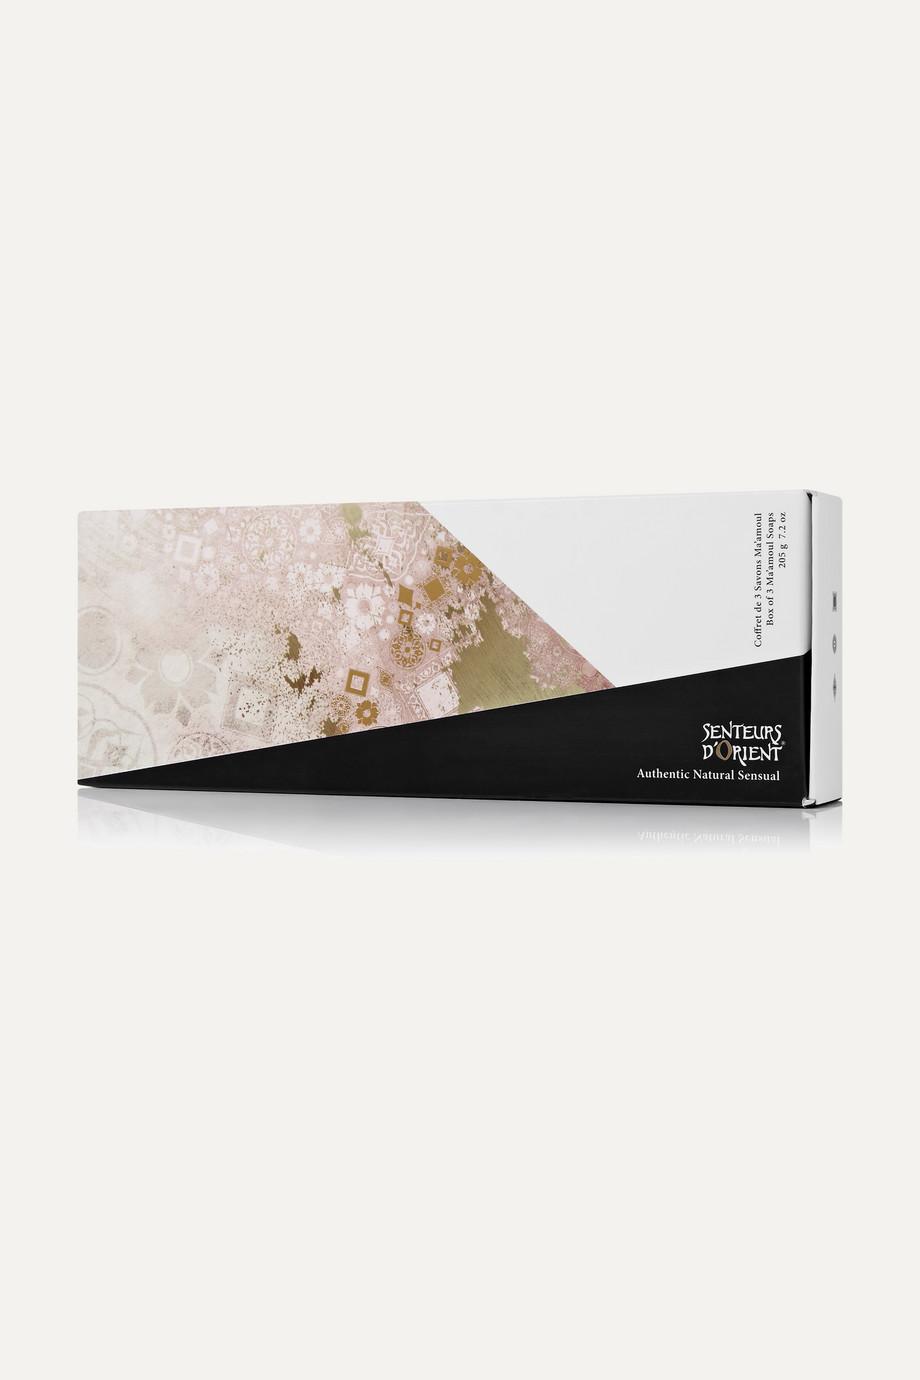 Senteurs d'Orient + NET SUSTAIN Ma'amoul Soap Set, 205g